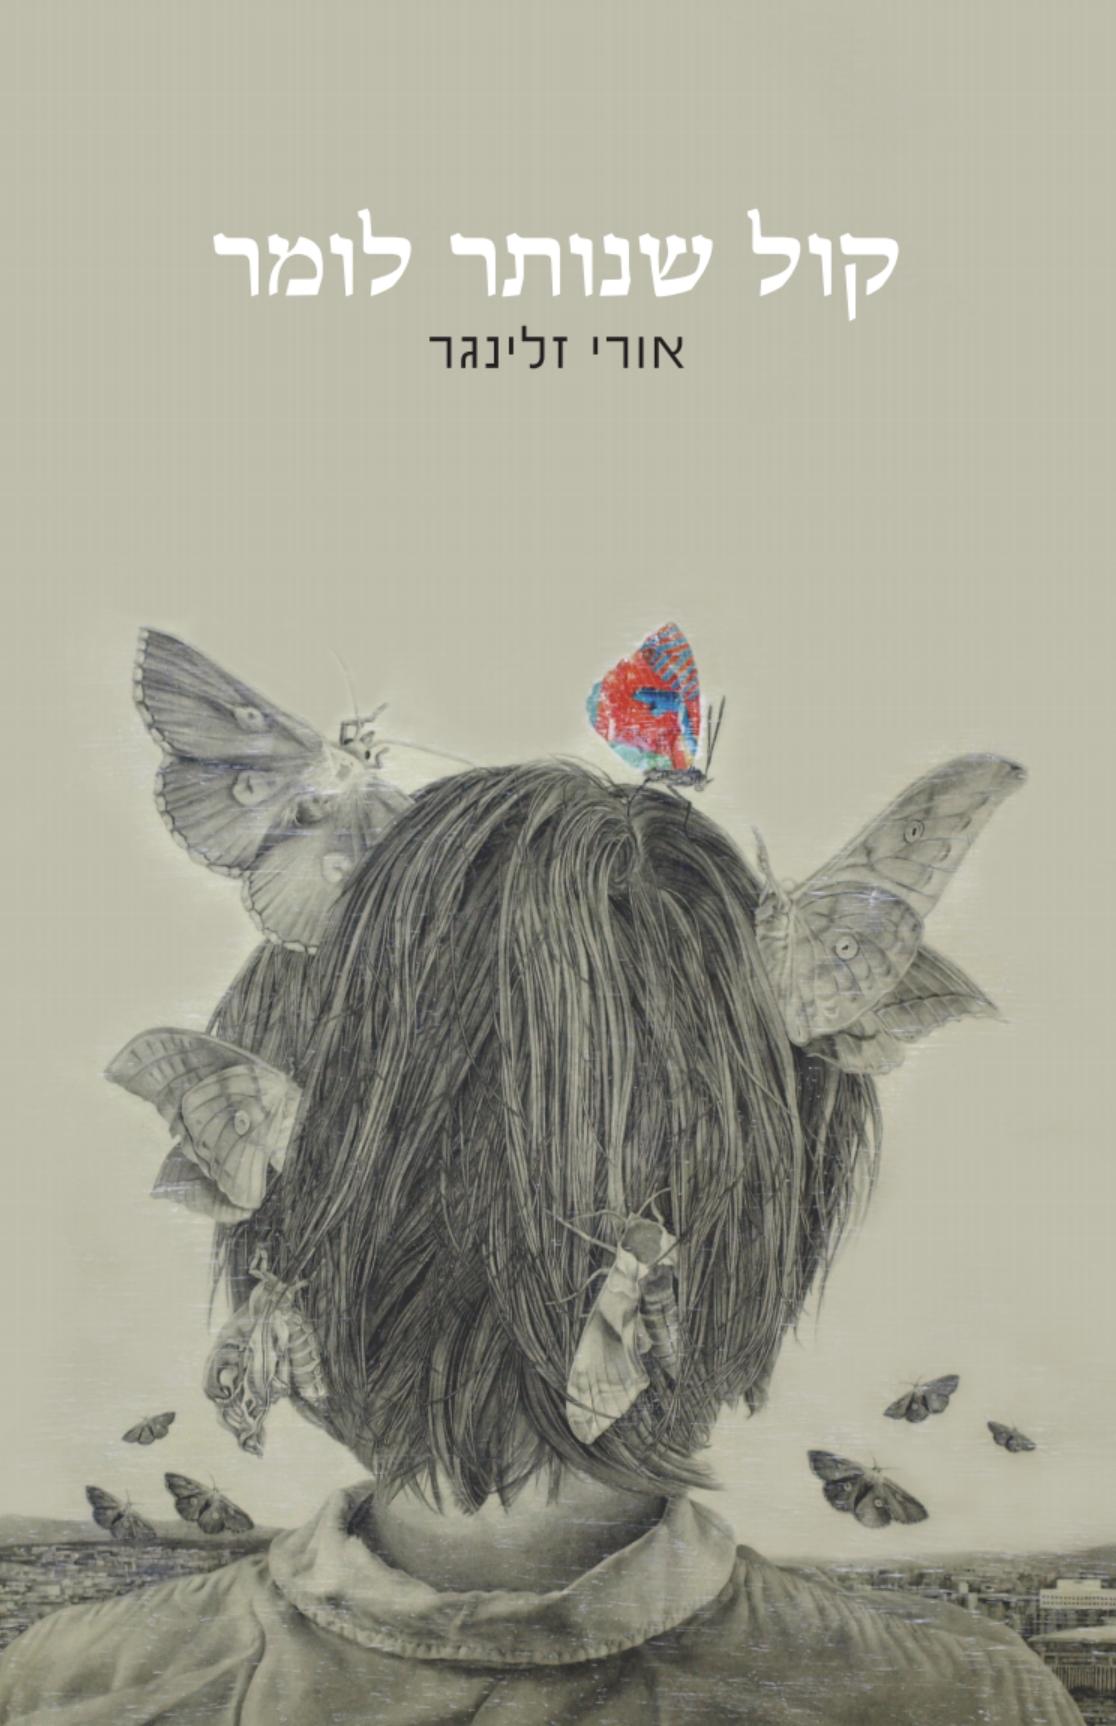 קול שנותר לומר / אורי זלינגר - ראה אור בהוצאת סטימצקי